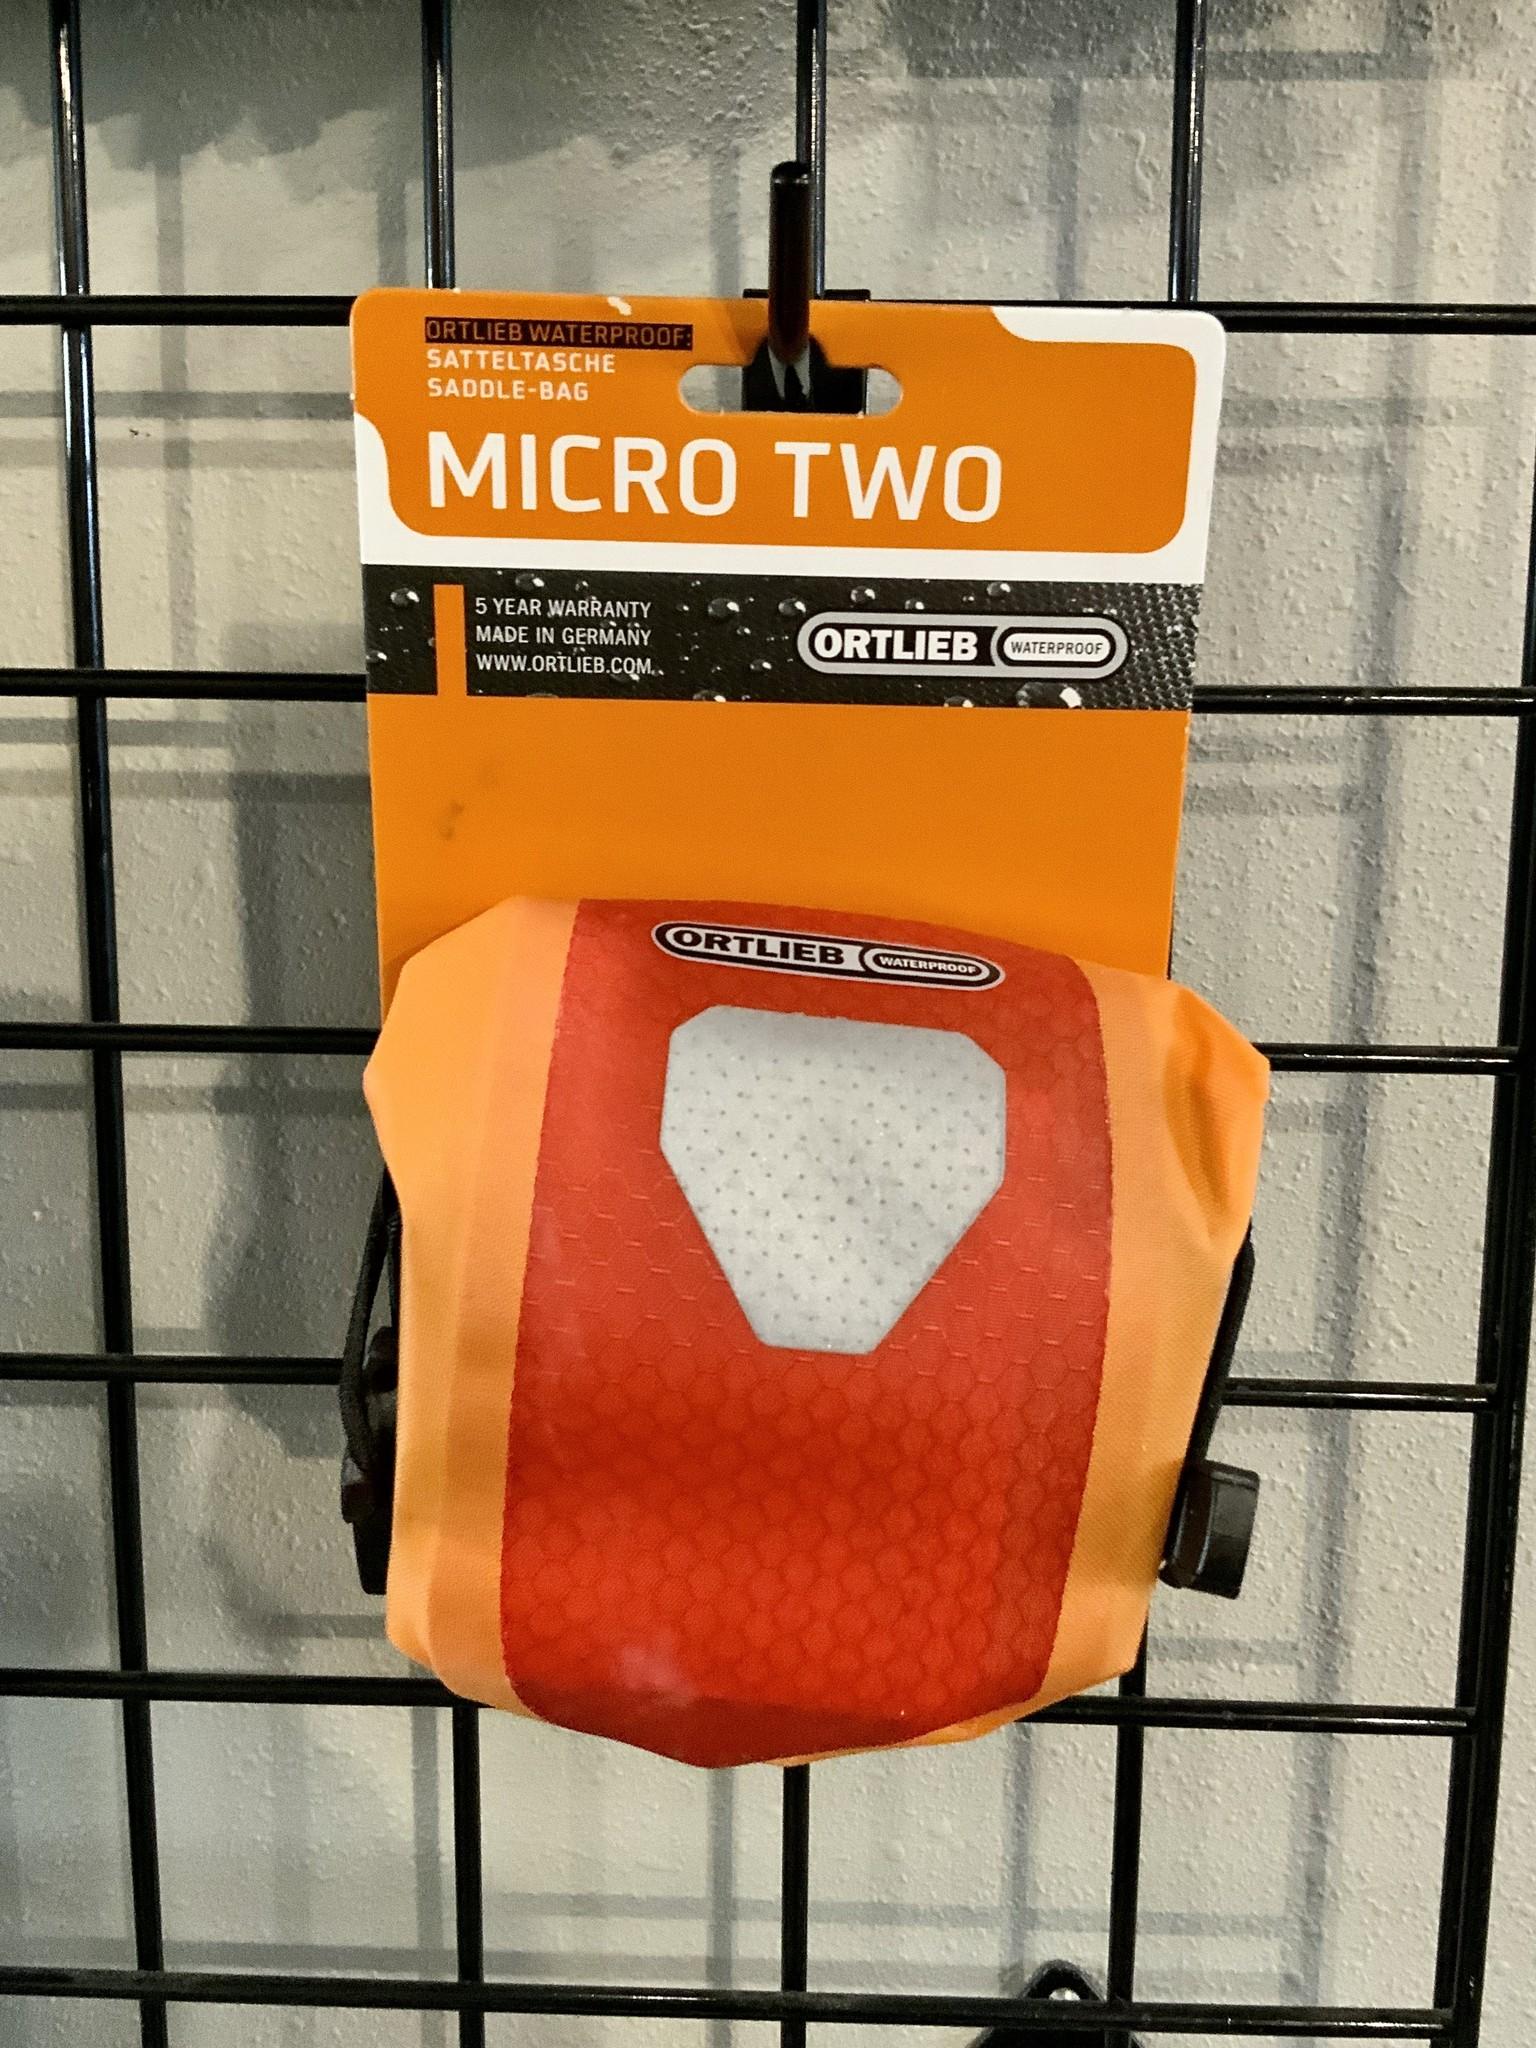 Ortlieb Micro 2 Saddle Bag